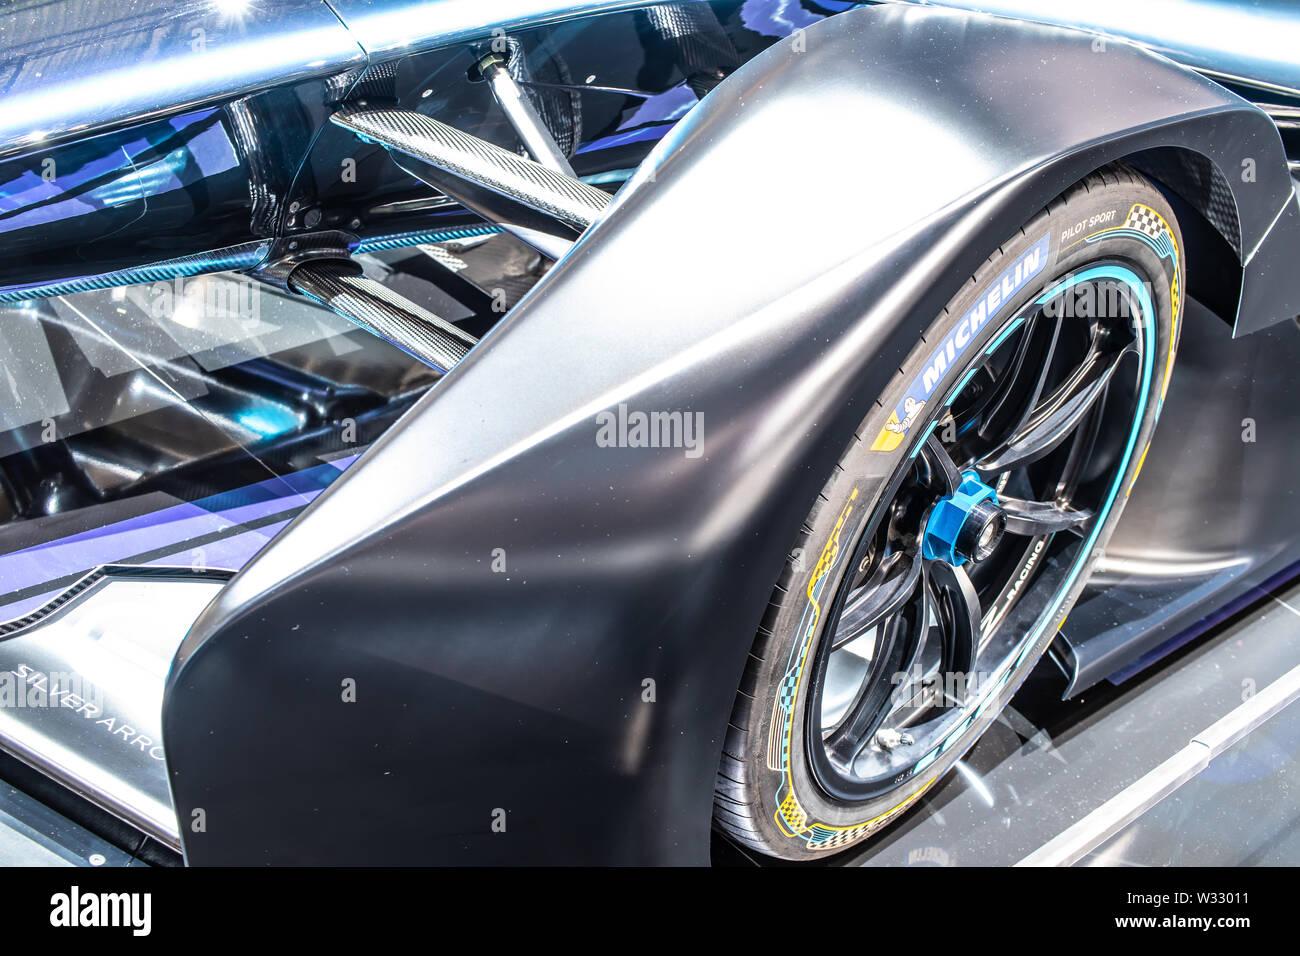 Mercedes Benz Concept Cars Stock Photos & Mercedes Benz